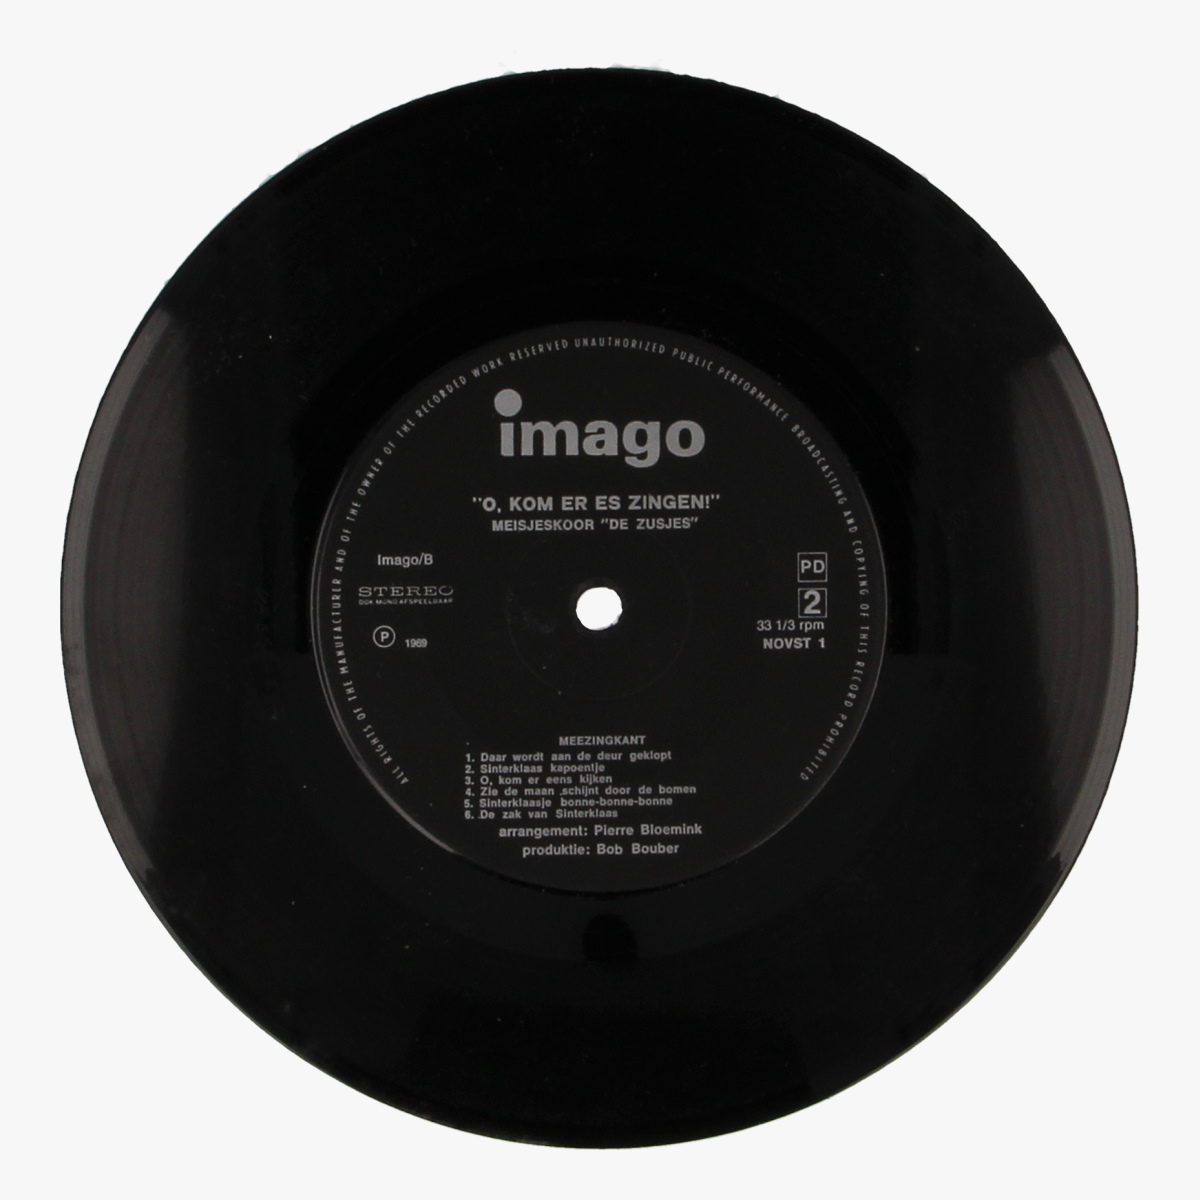 Afbeeldingen van O, kom eens zingen - Imago LP 33 1/3toeren